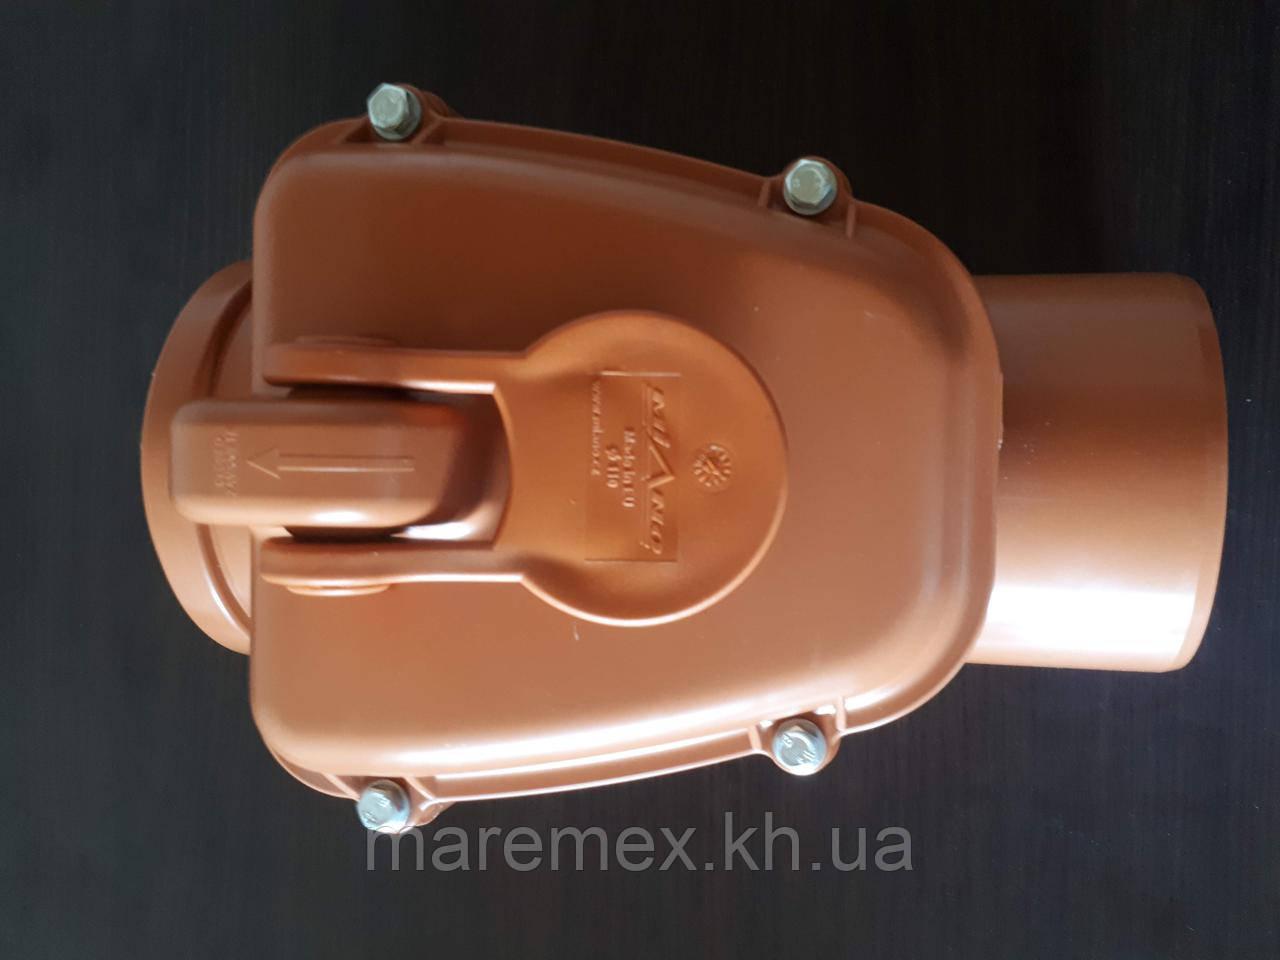 Обратный, запорный клапан для канализации д.110 FVplast (Польша)